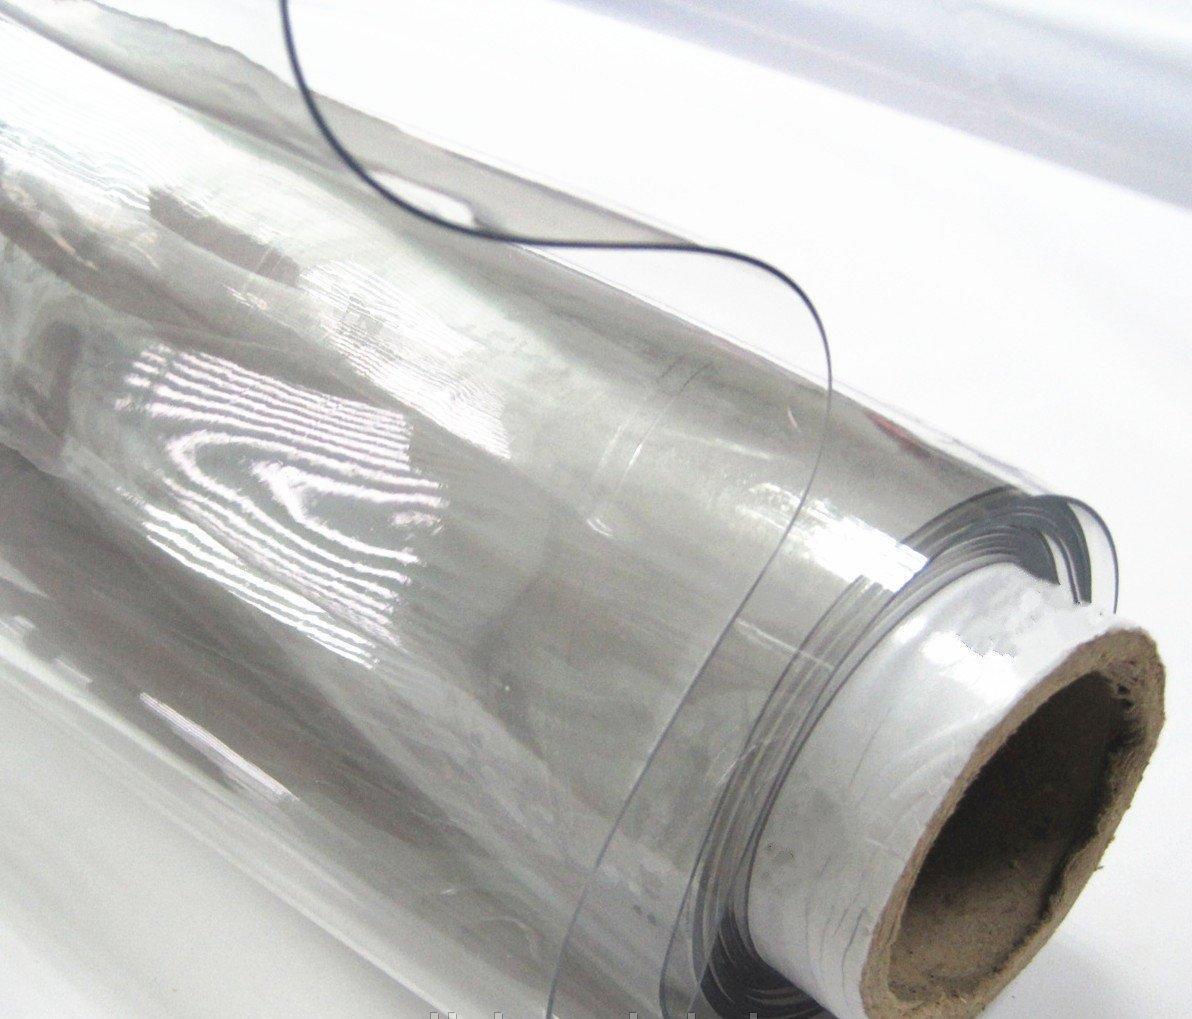 Испытания (исследование) полимерной пленки (полиэтиленовой и ПВХ)